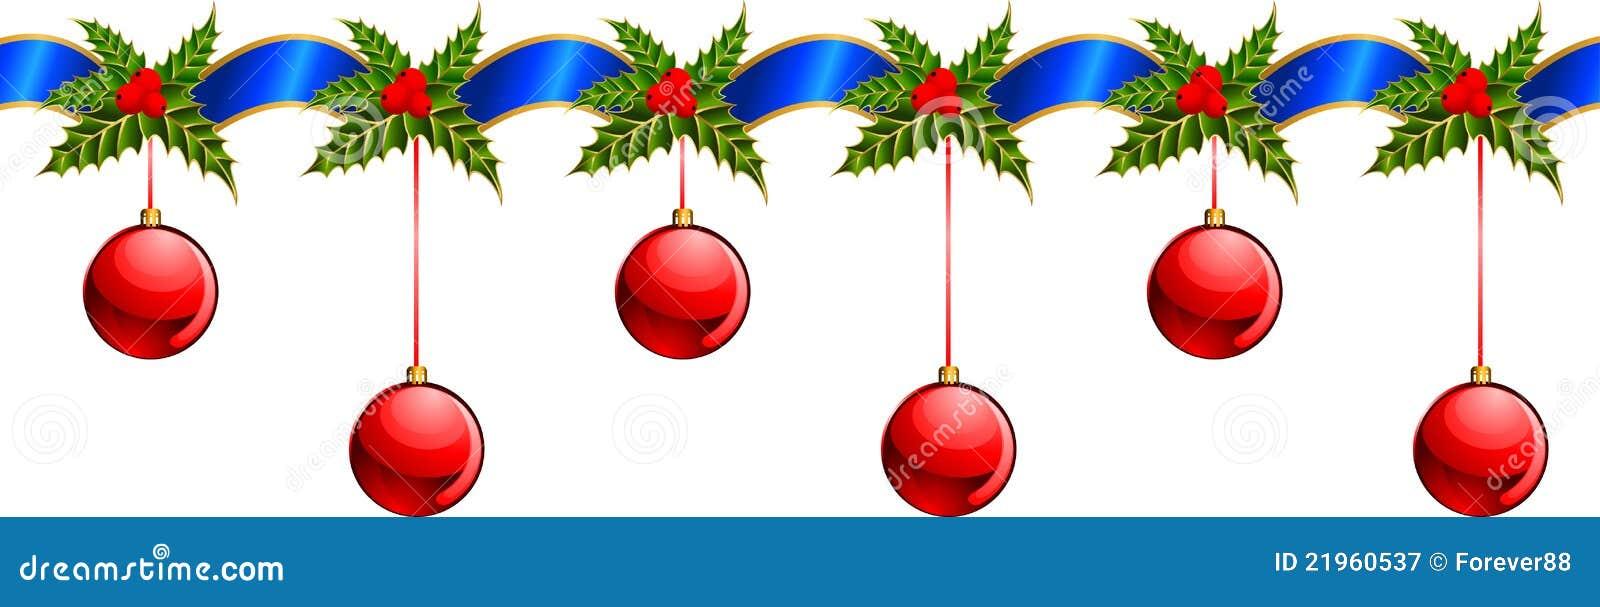 sch ne weihnachtsgirlande lizenzfreie stockfotografie bild 21960537. Black Bedroom Furniture Sets. Home Design Ideas